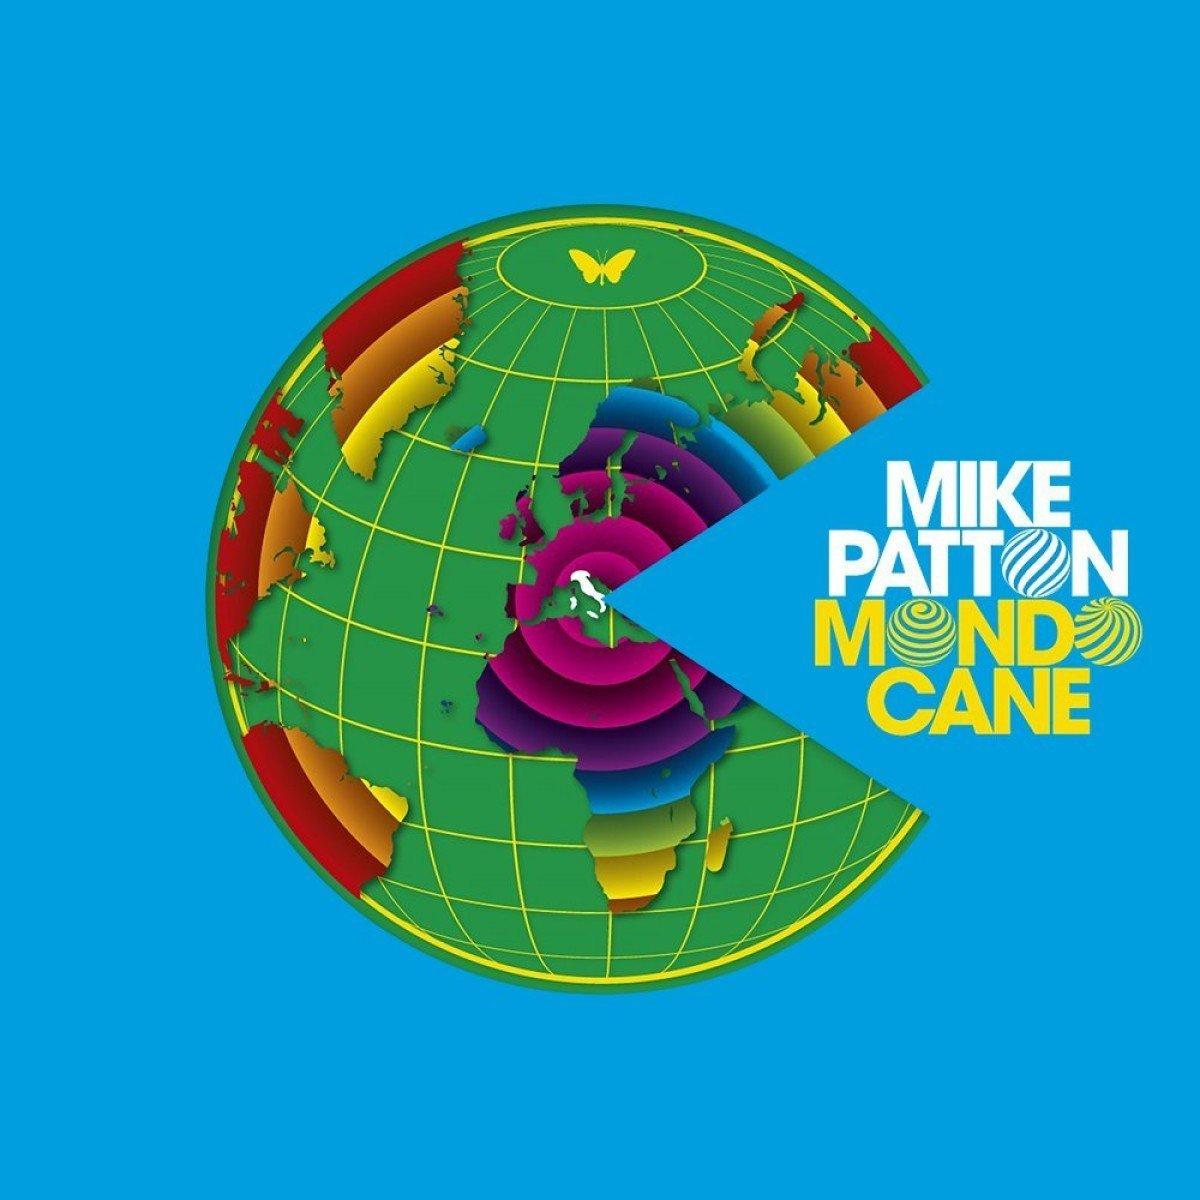 Mike Patton, Mondo Cane